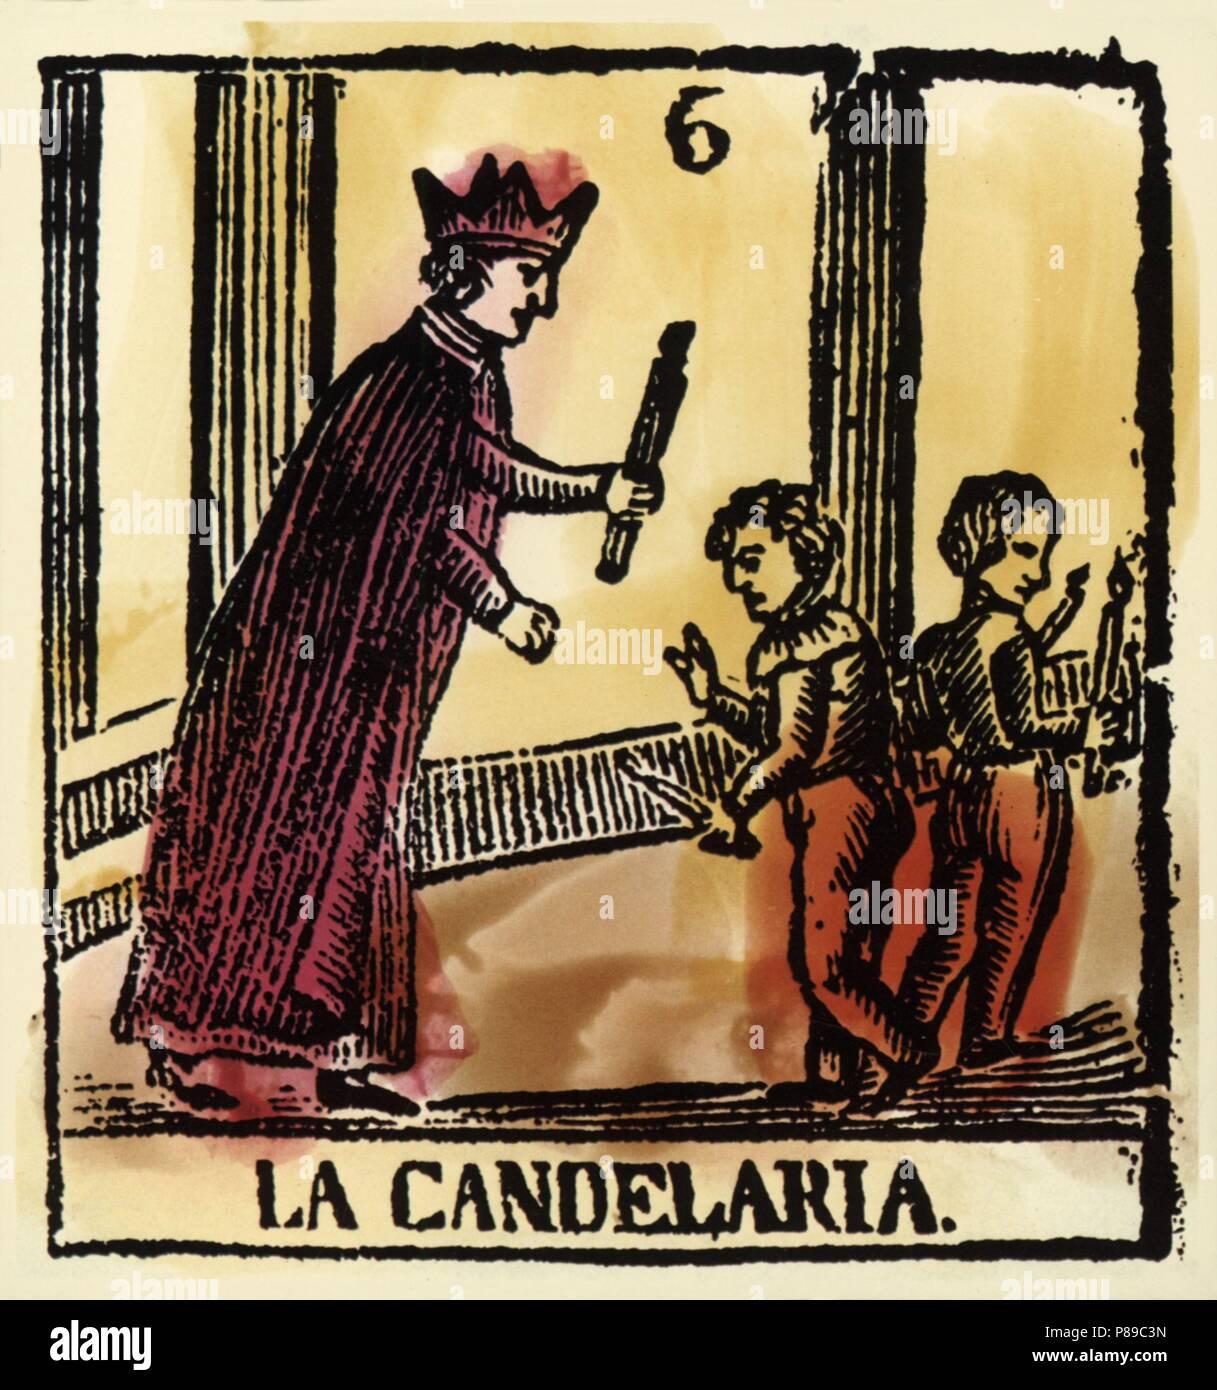 Catalunya. Fiestas y tradiciones populares. La Candelaria, fiesta ...